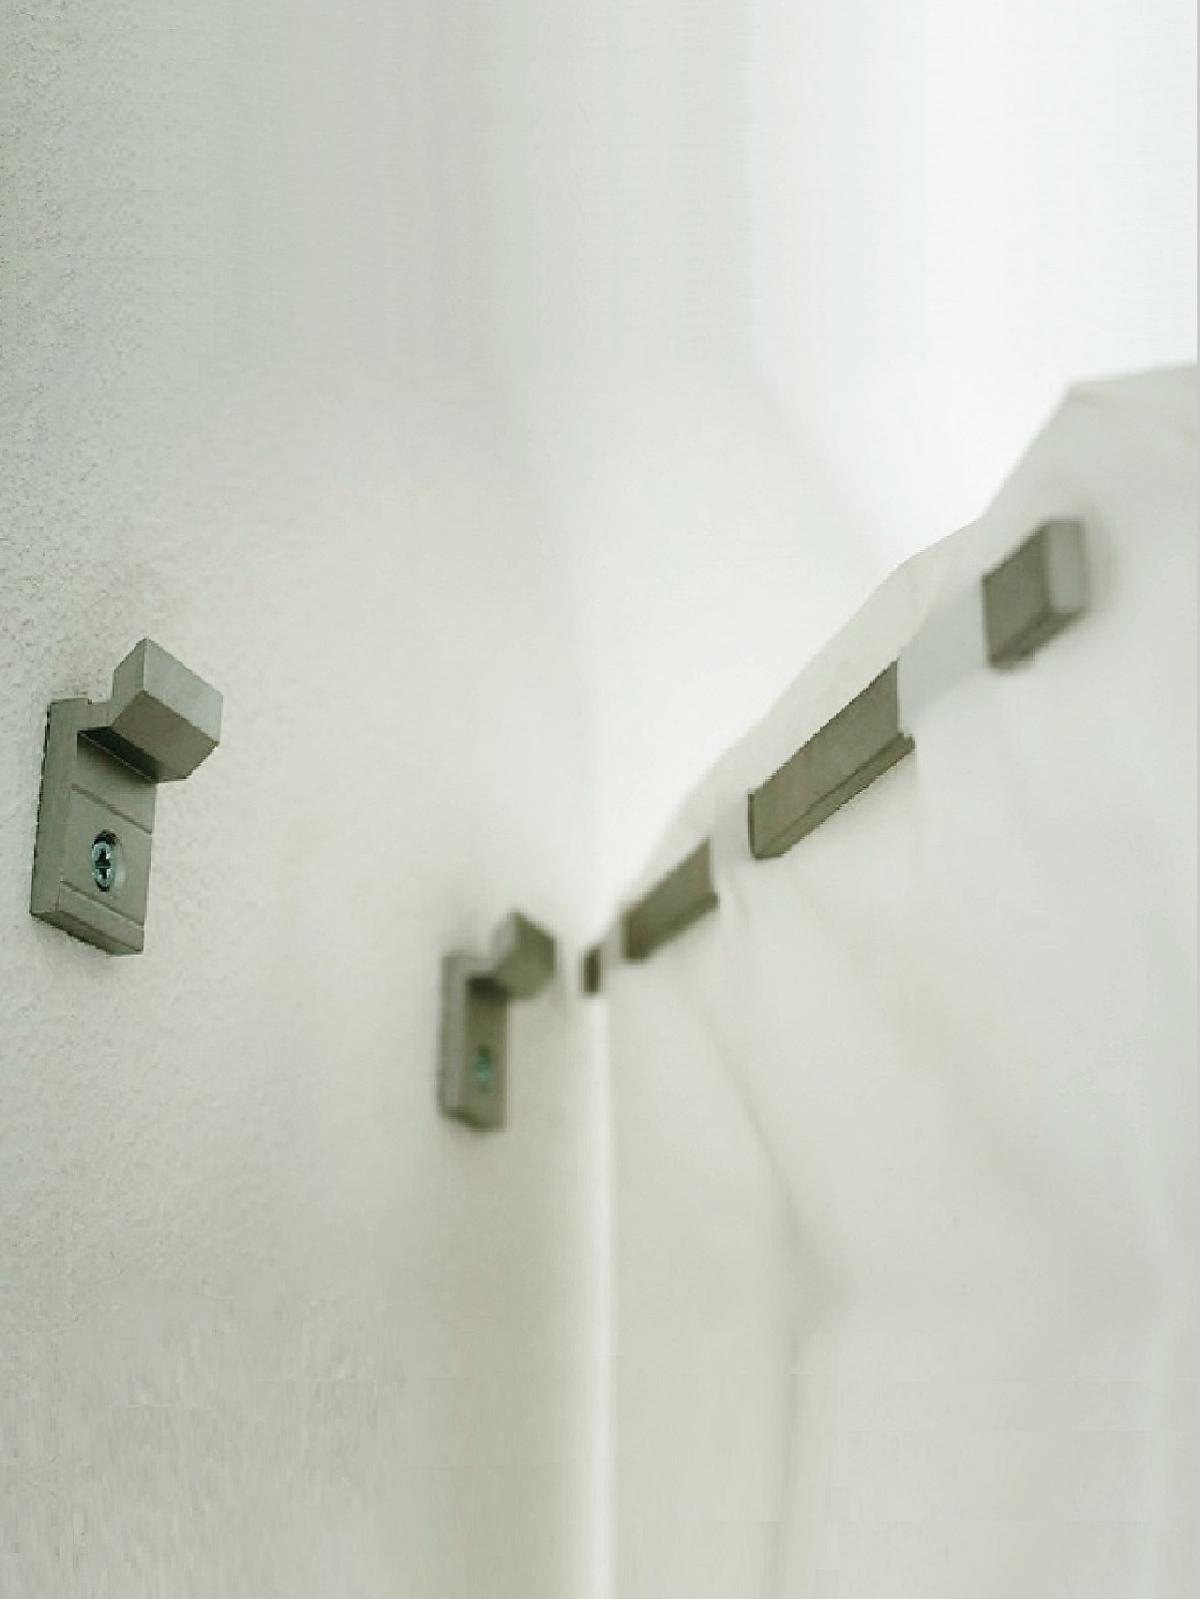 B5 Væglampe - ophængsbeslag